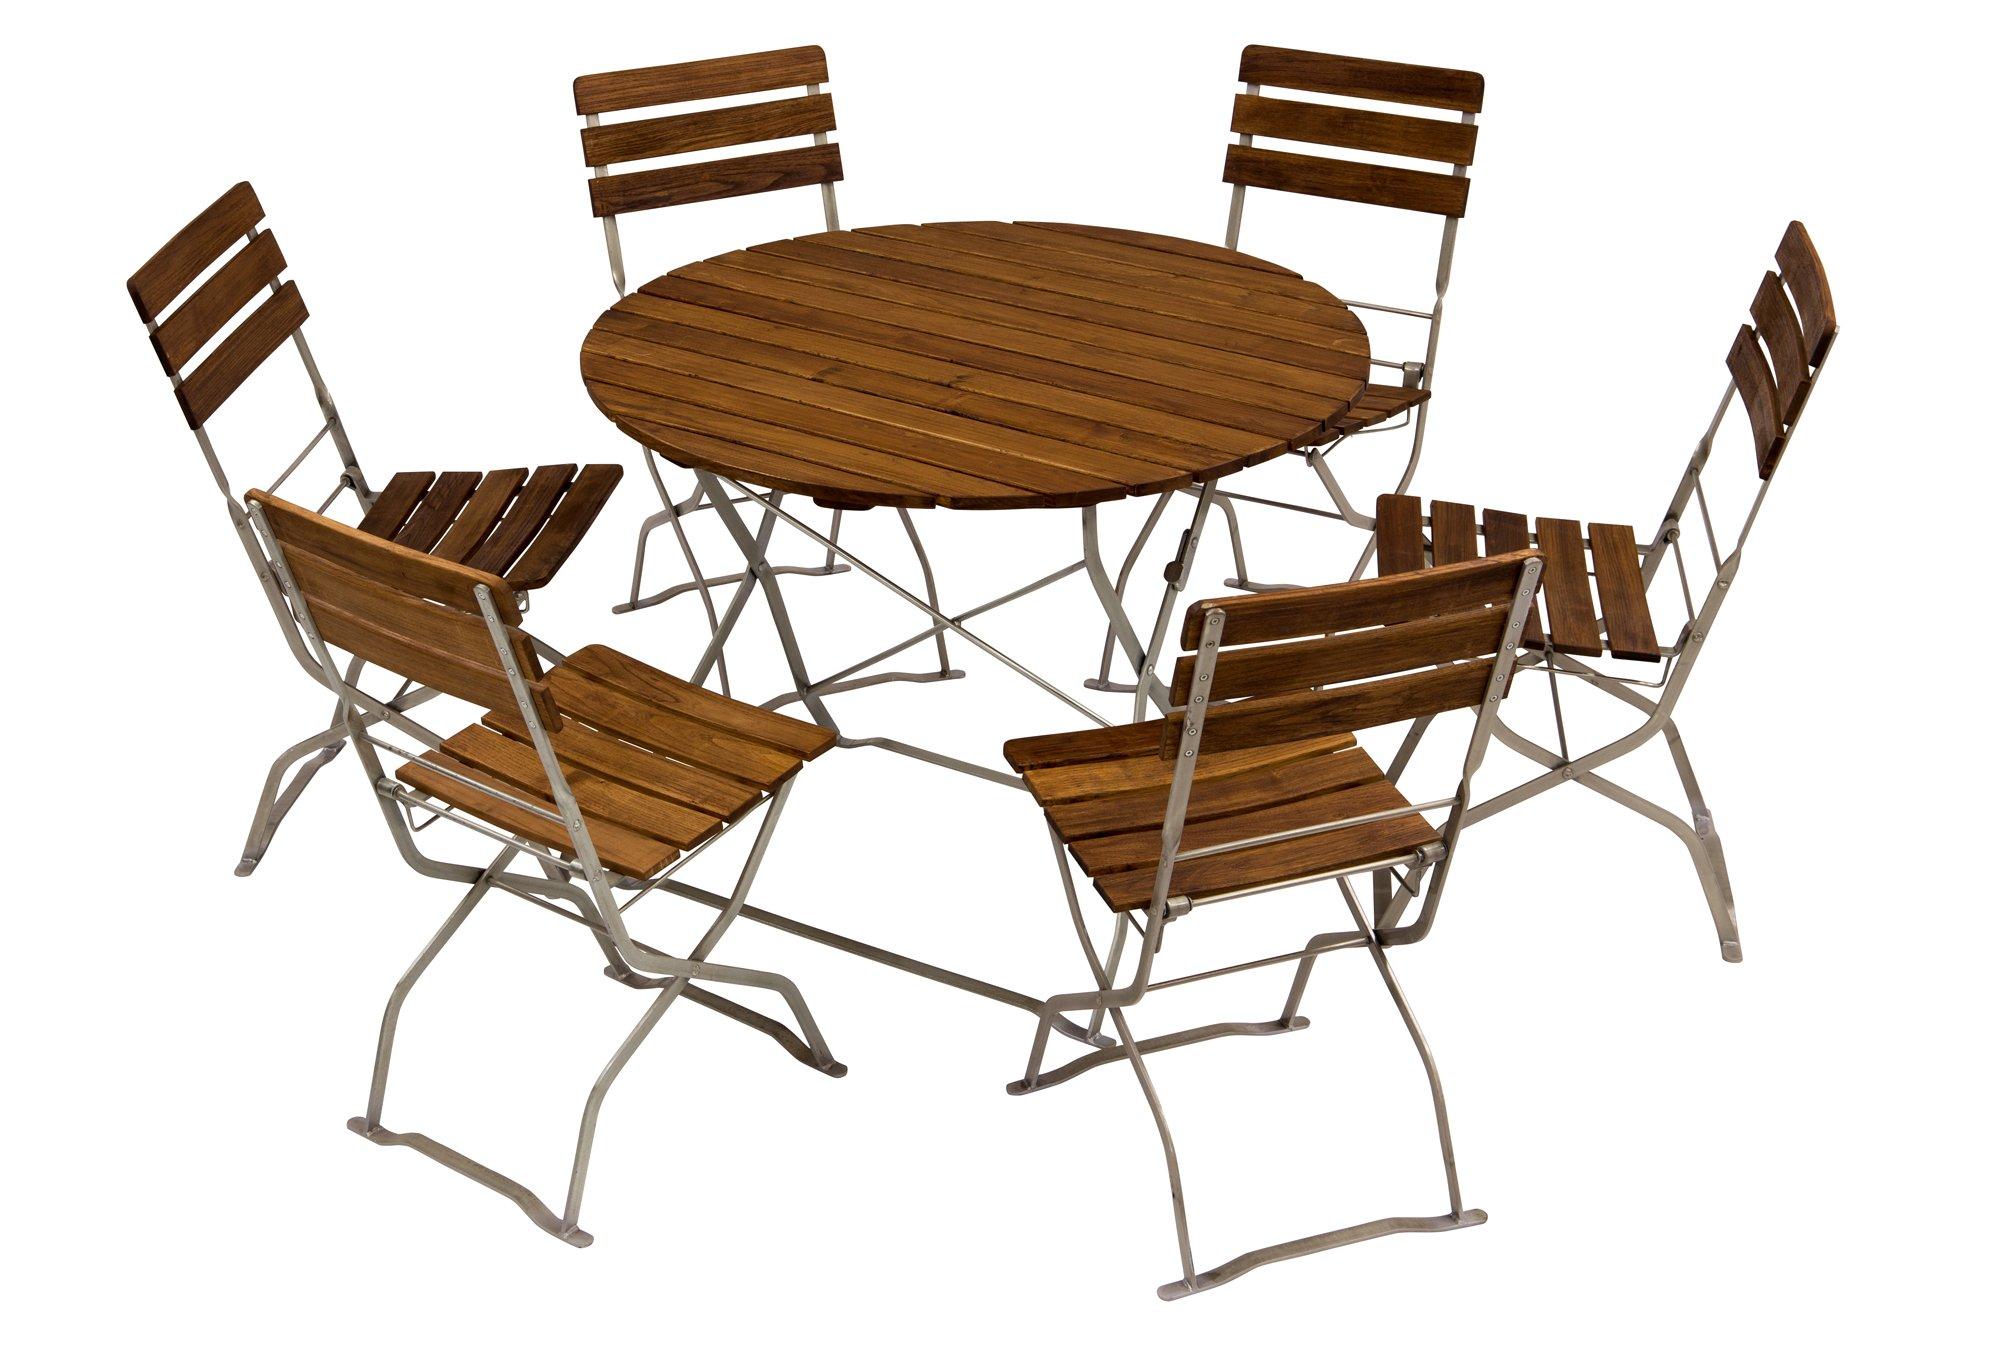 Tolle Rundküchentisch Und Stühle Für 8 Galerie - Ideen Für Die Küche ...